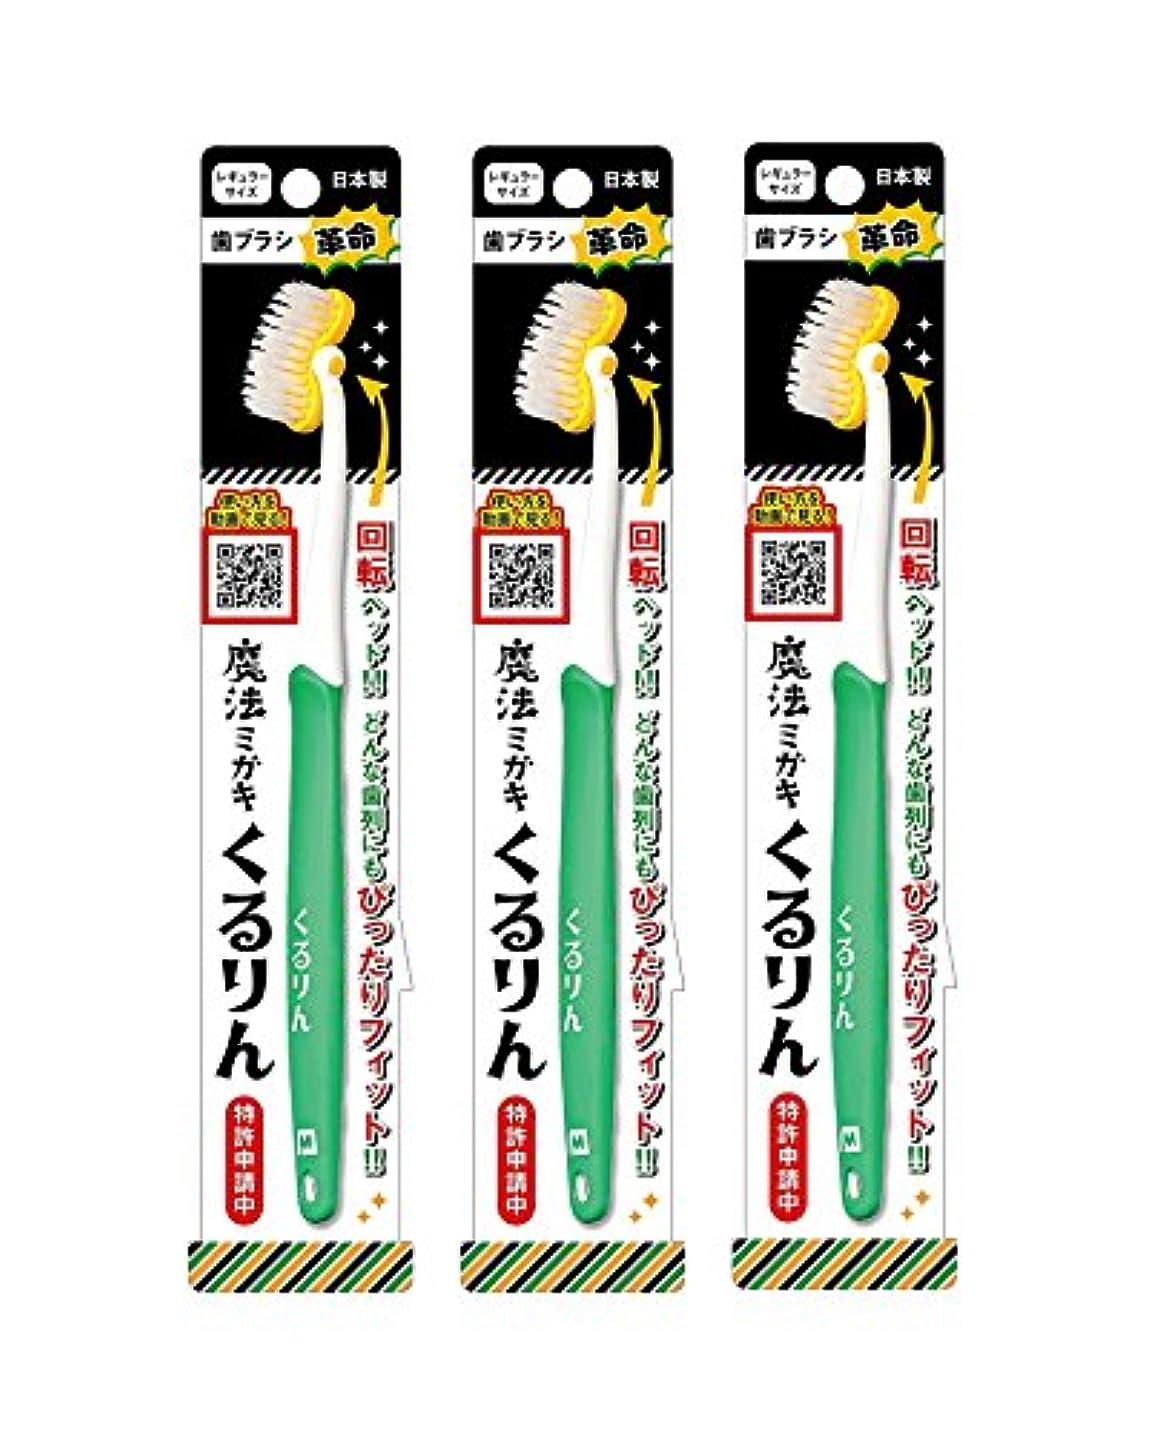 統計スリッパ開始歯ブラシ革命 魔法ミガキくるりん MM-151 グリーン 3本セット